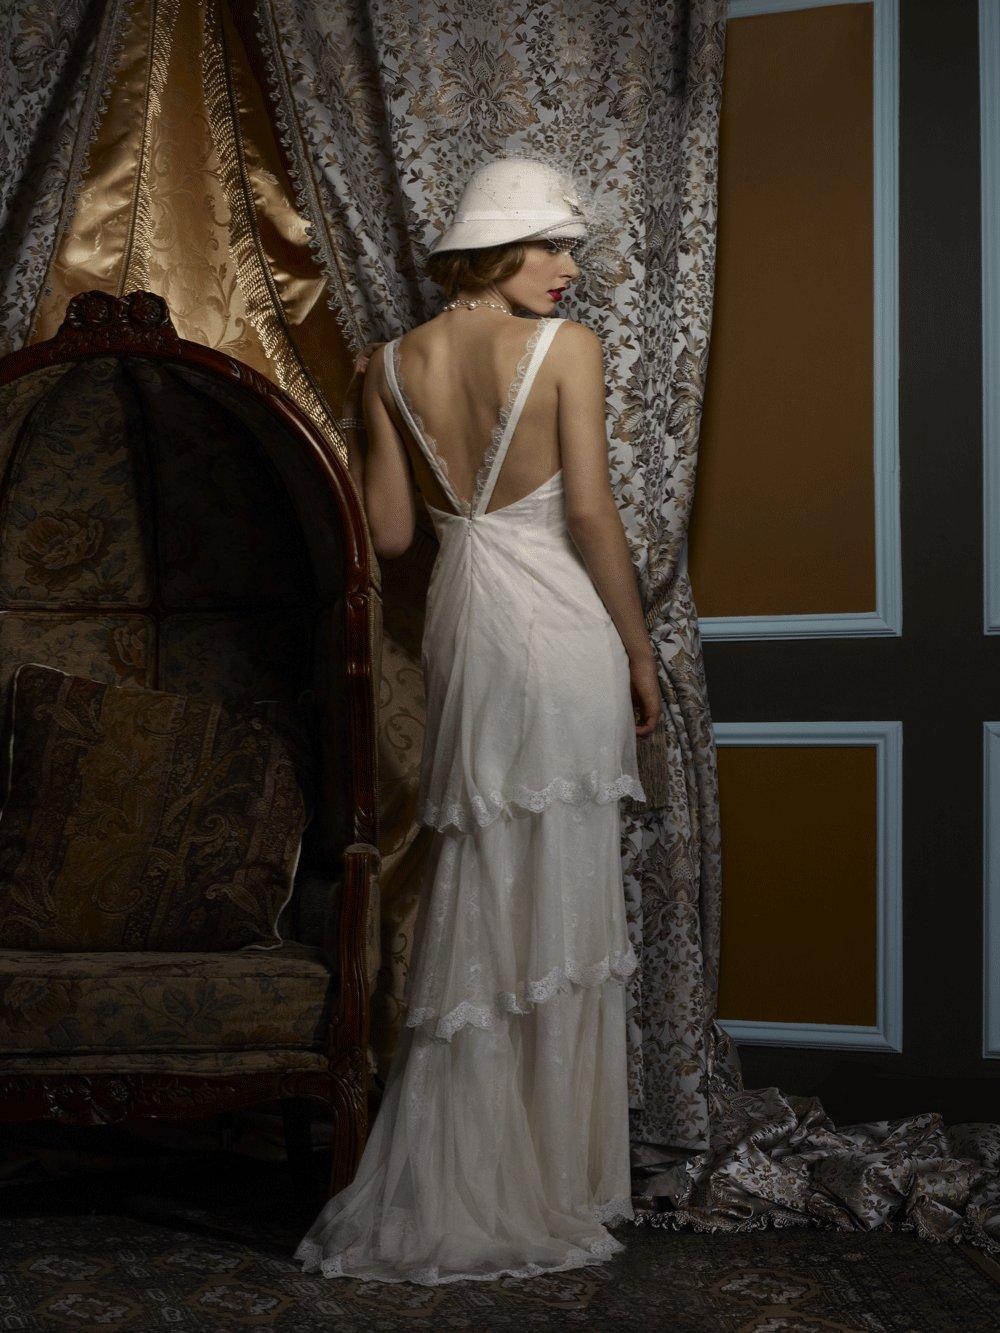 Wedding-dress-by-birnbaum-and-bullock-2013-bridal-brianna.full